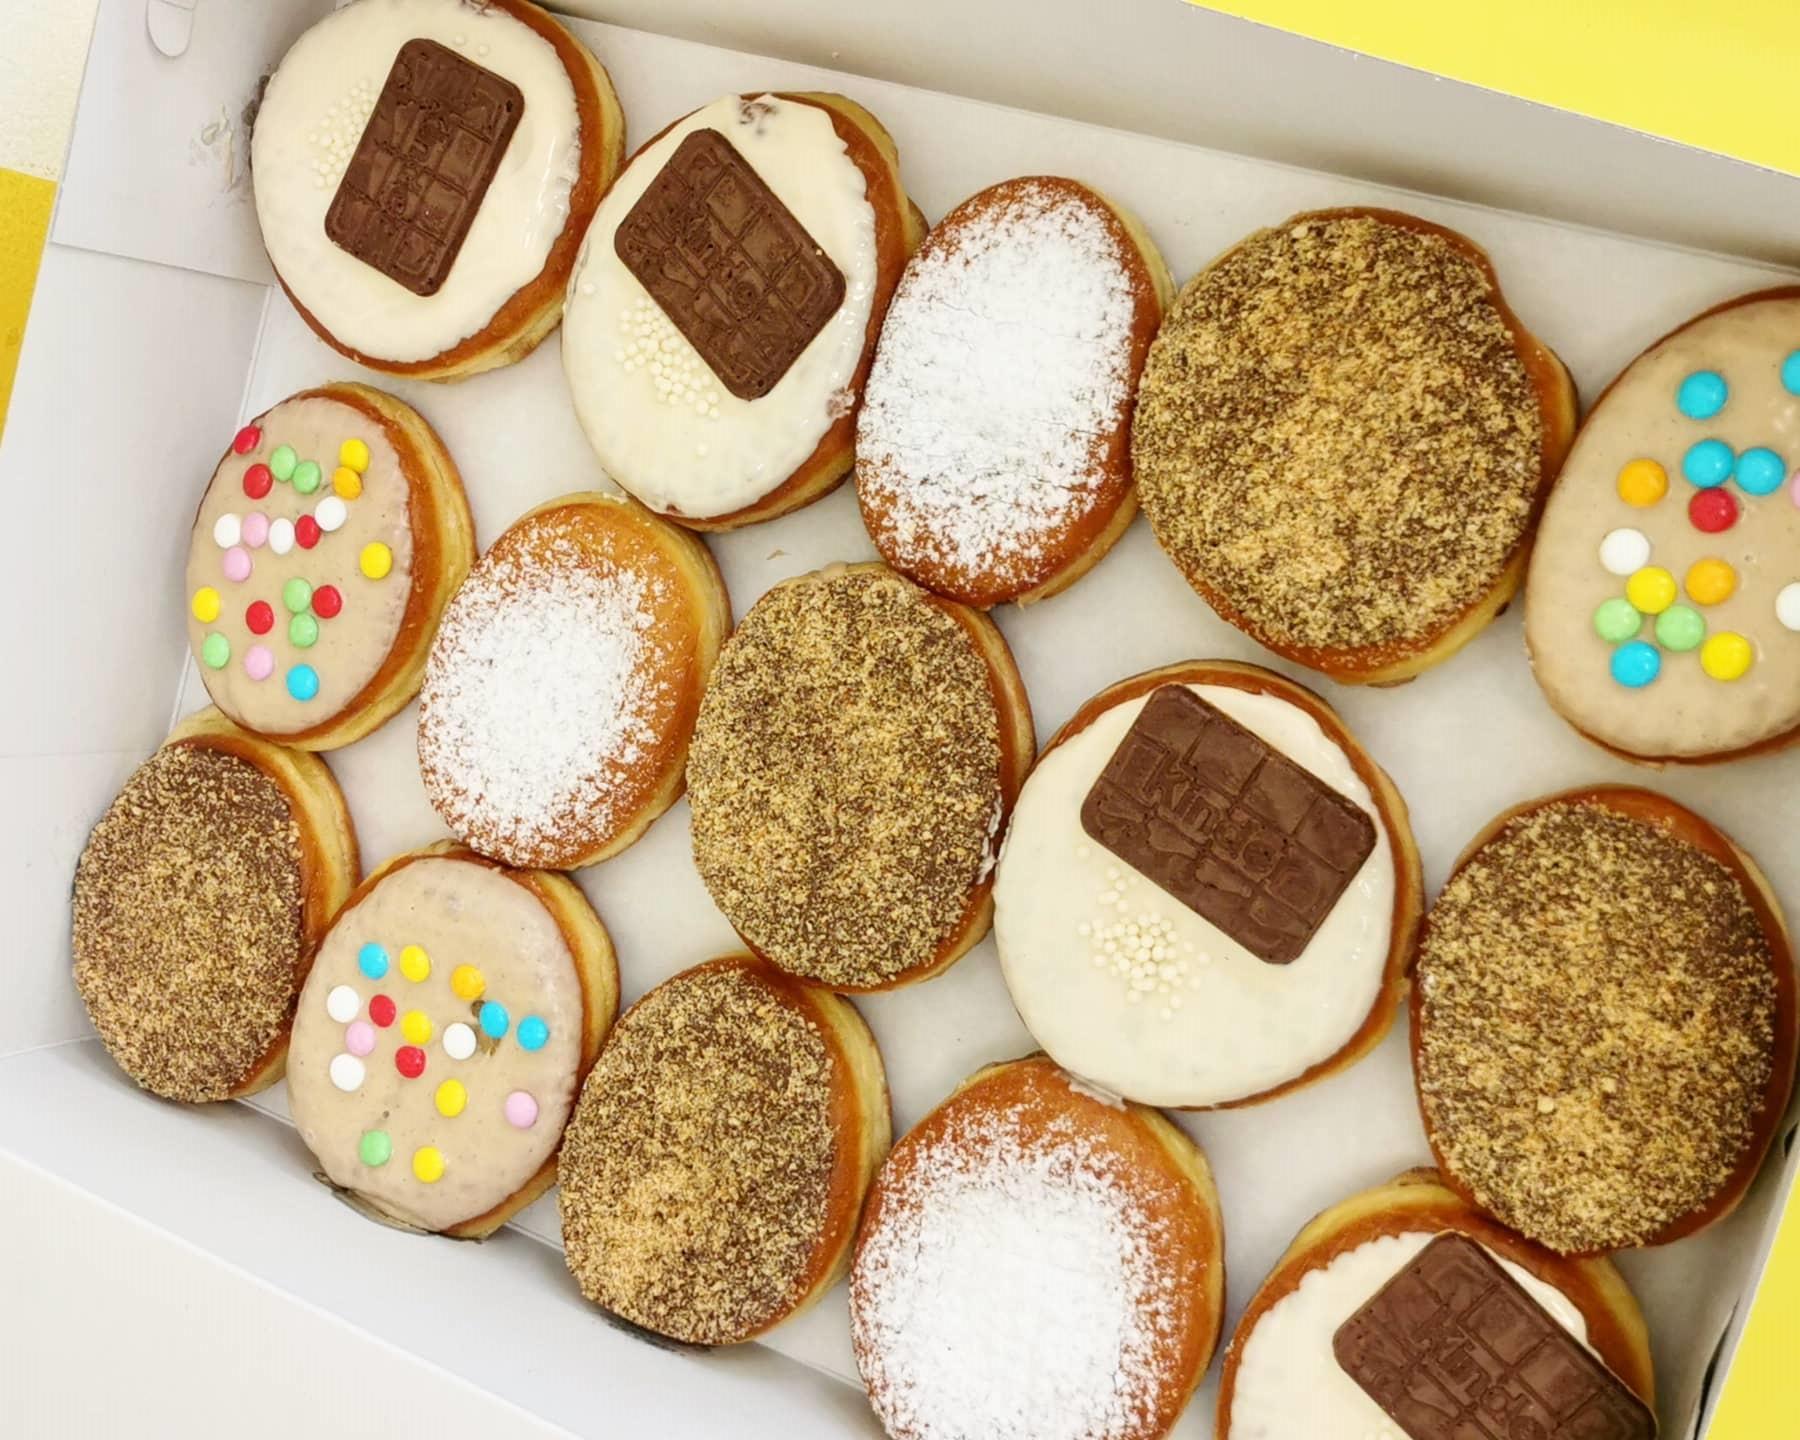 Ένα μαγαζι στη Λάρνακα φτιάχνει donuts για όλα τα γούστα